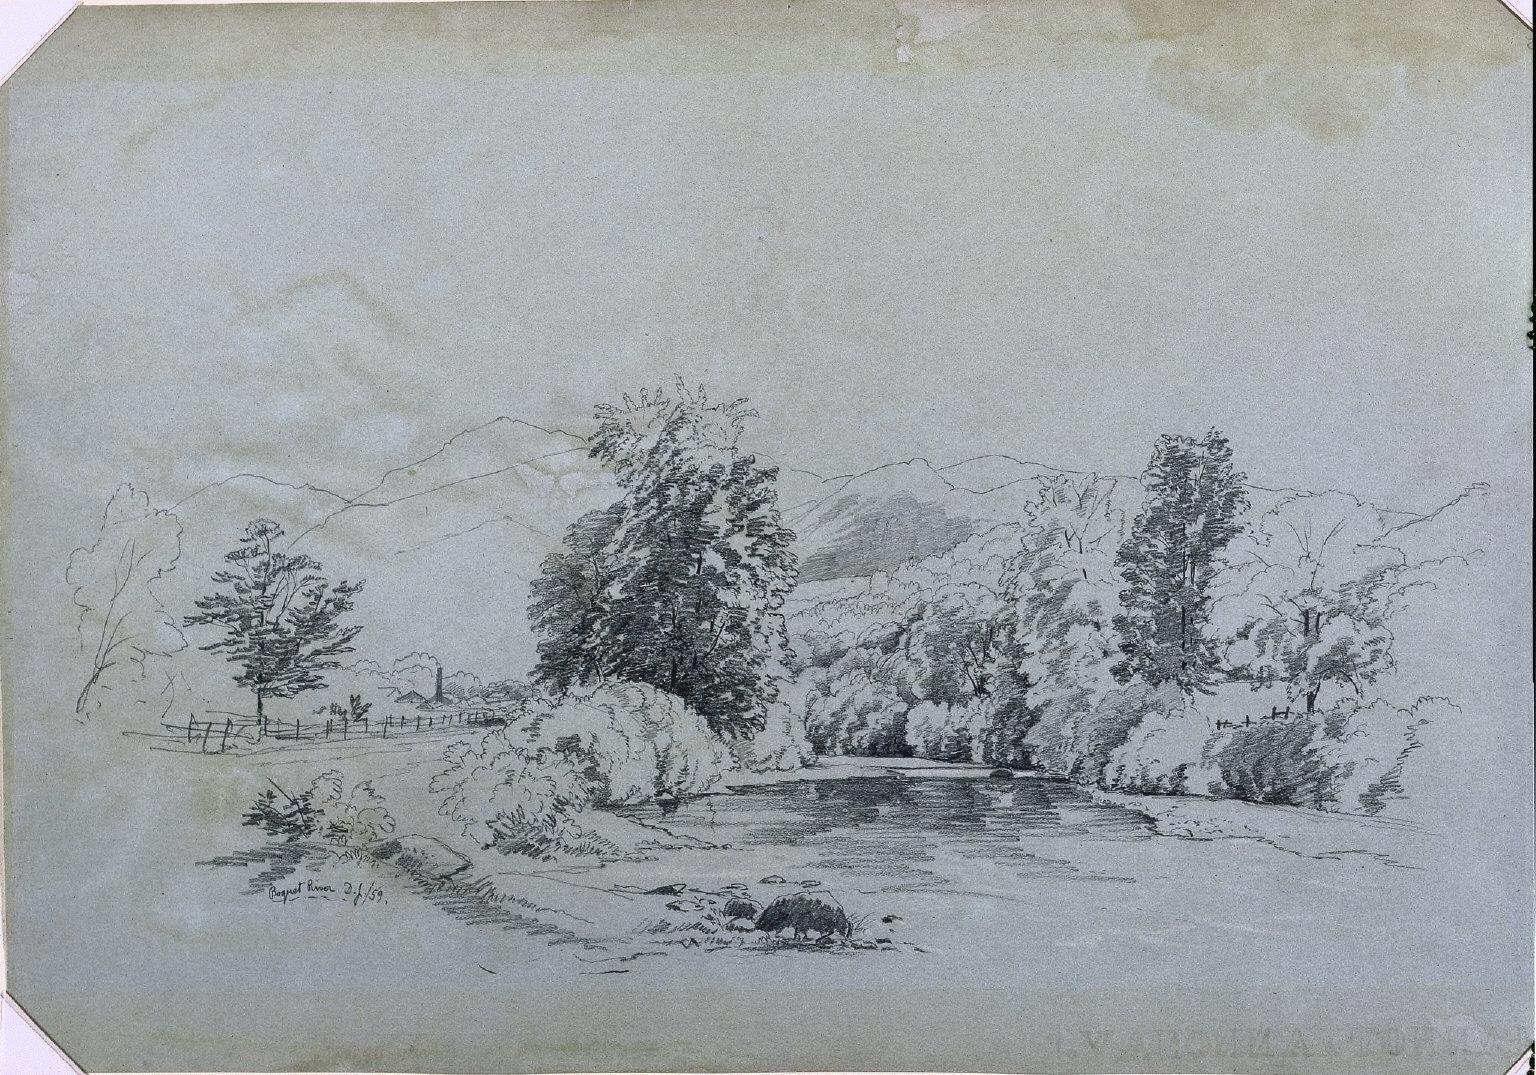 Bouquet River